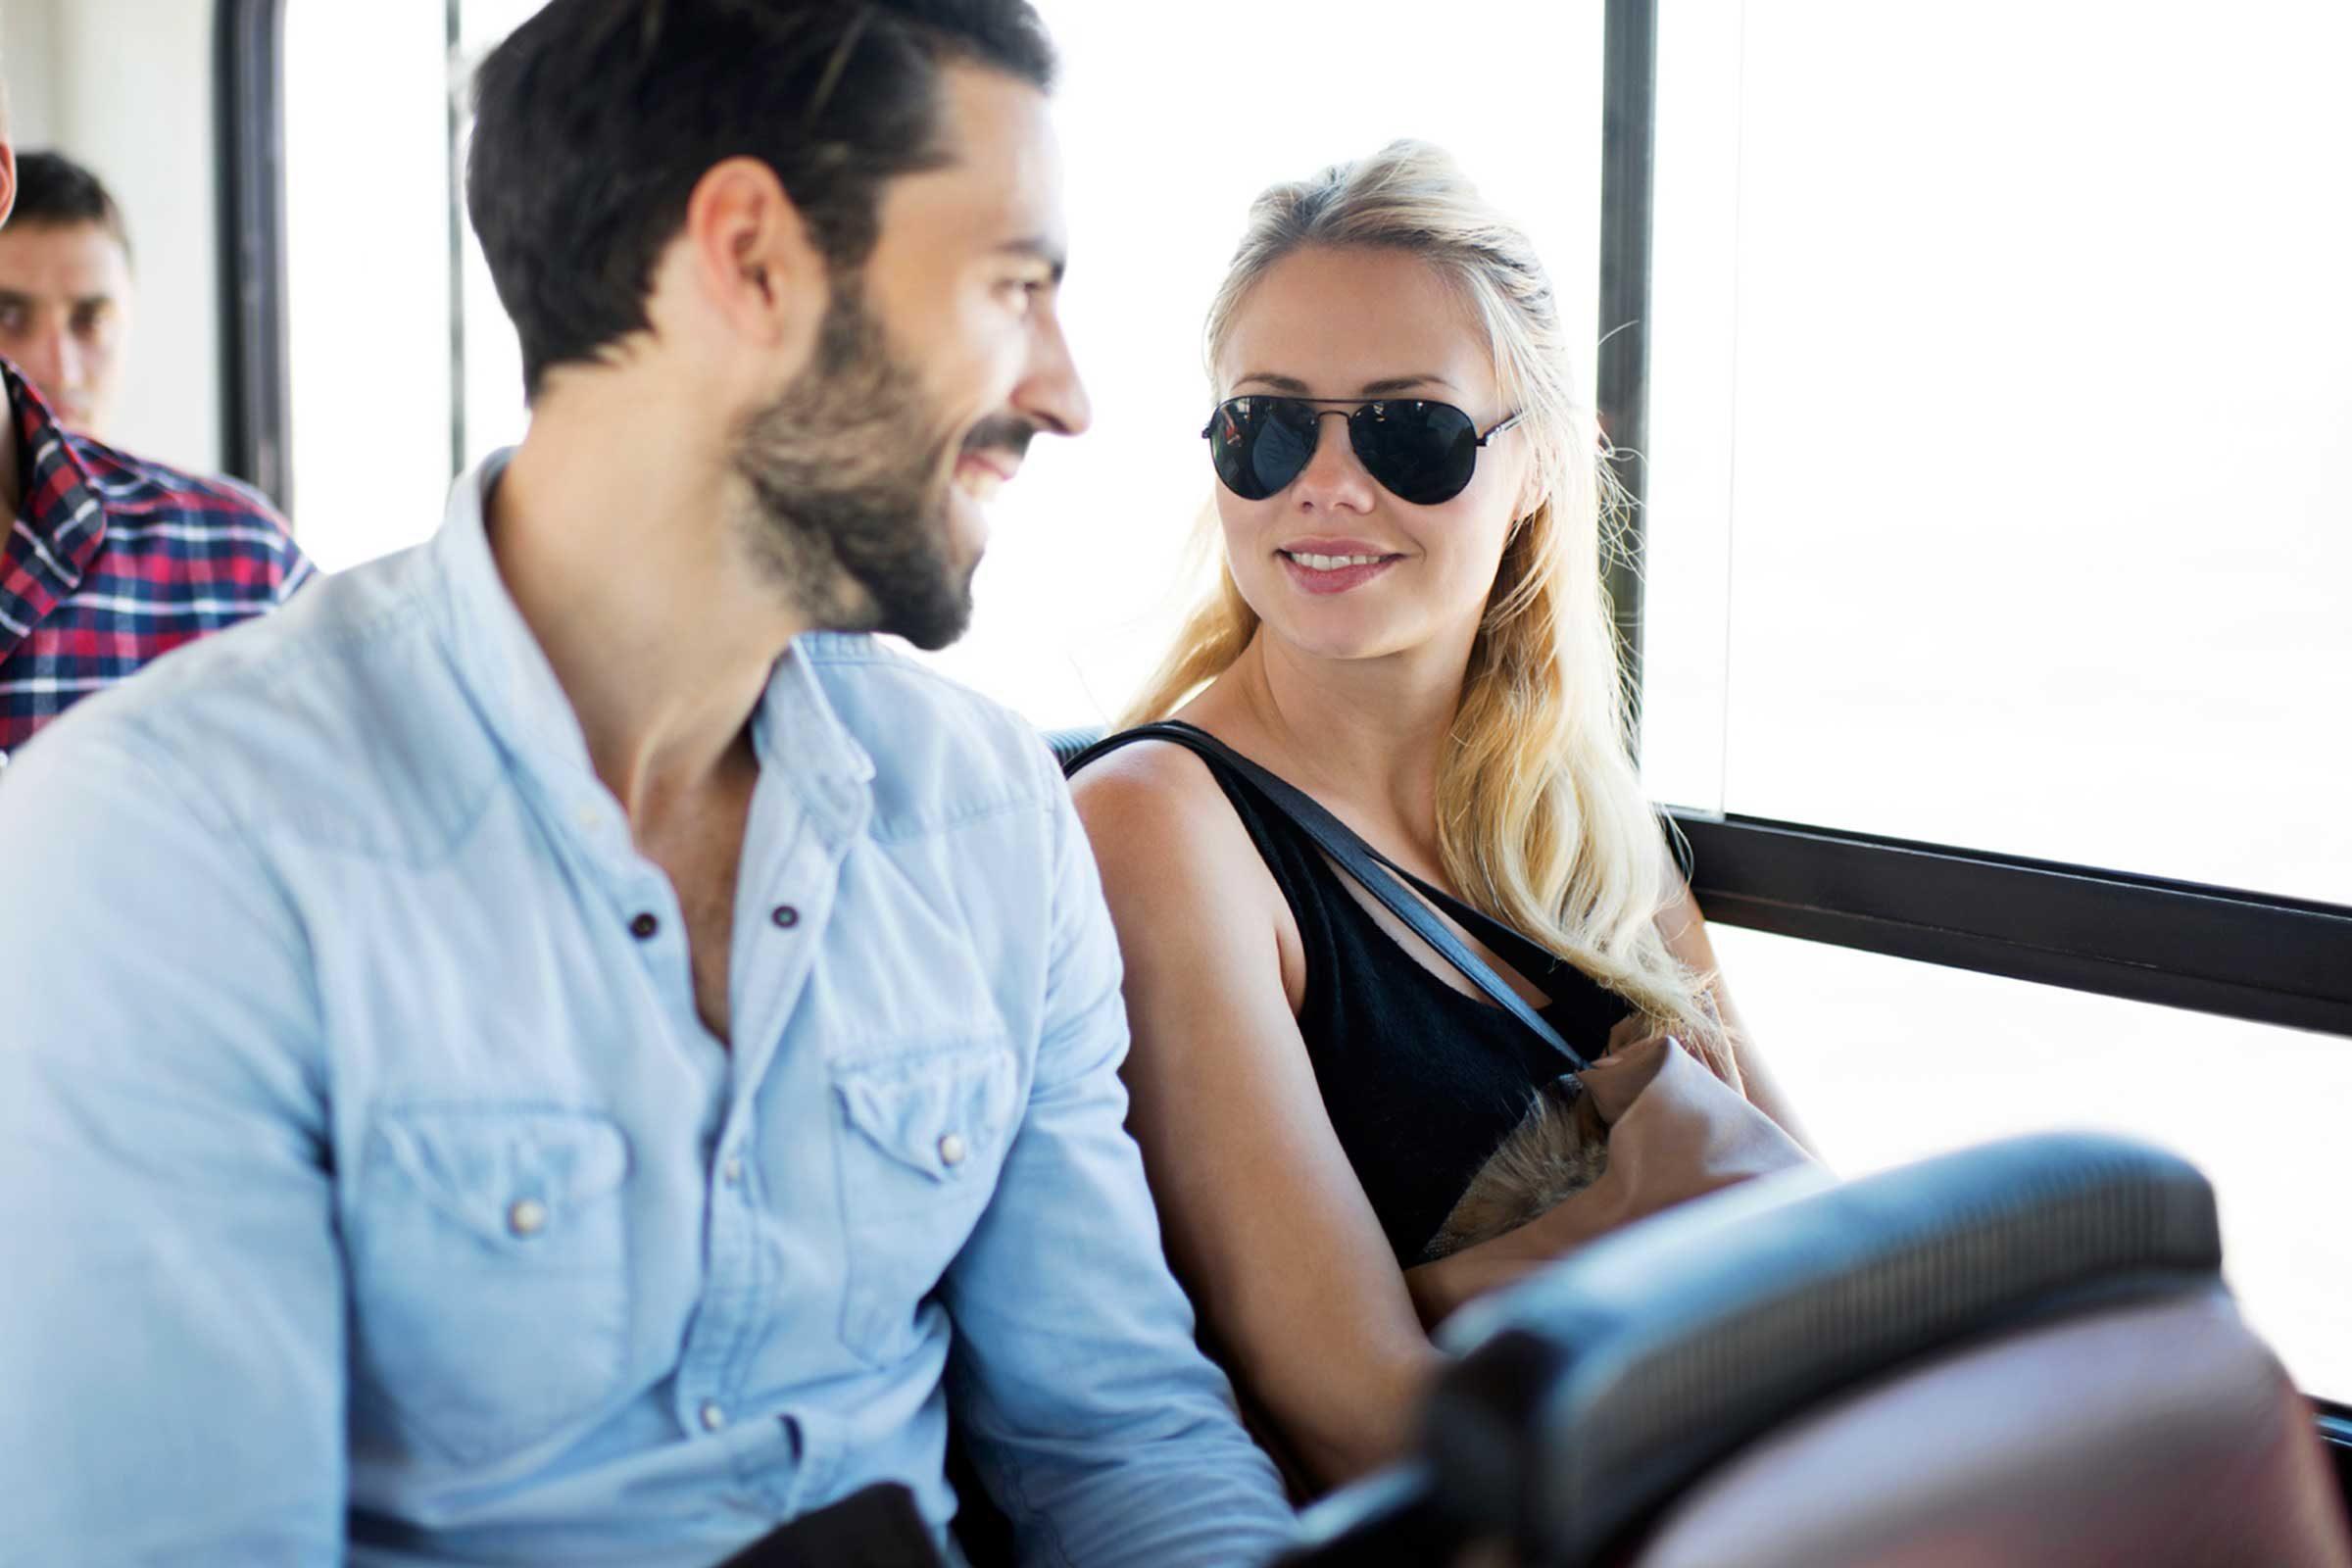 Secret du corps: Faire connaissance avec une autre personne améliore l'humeur